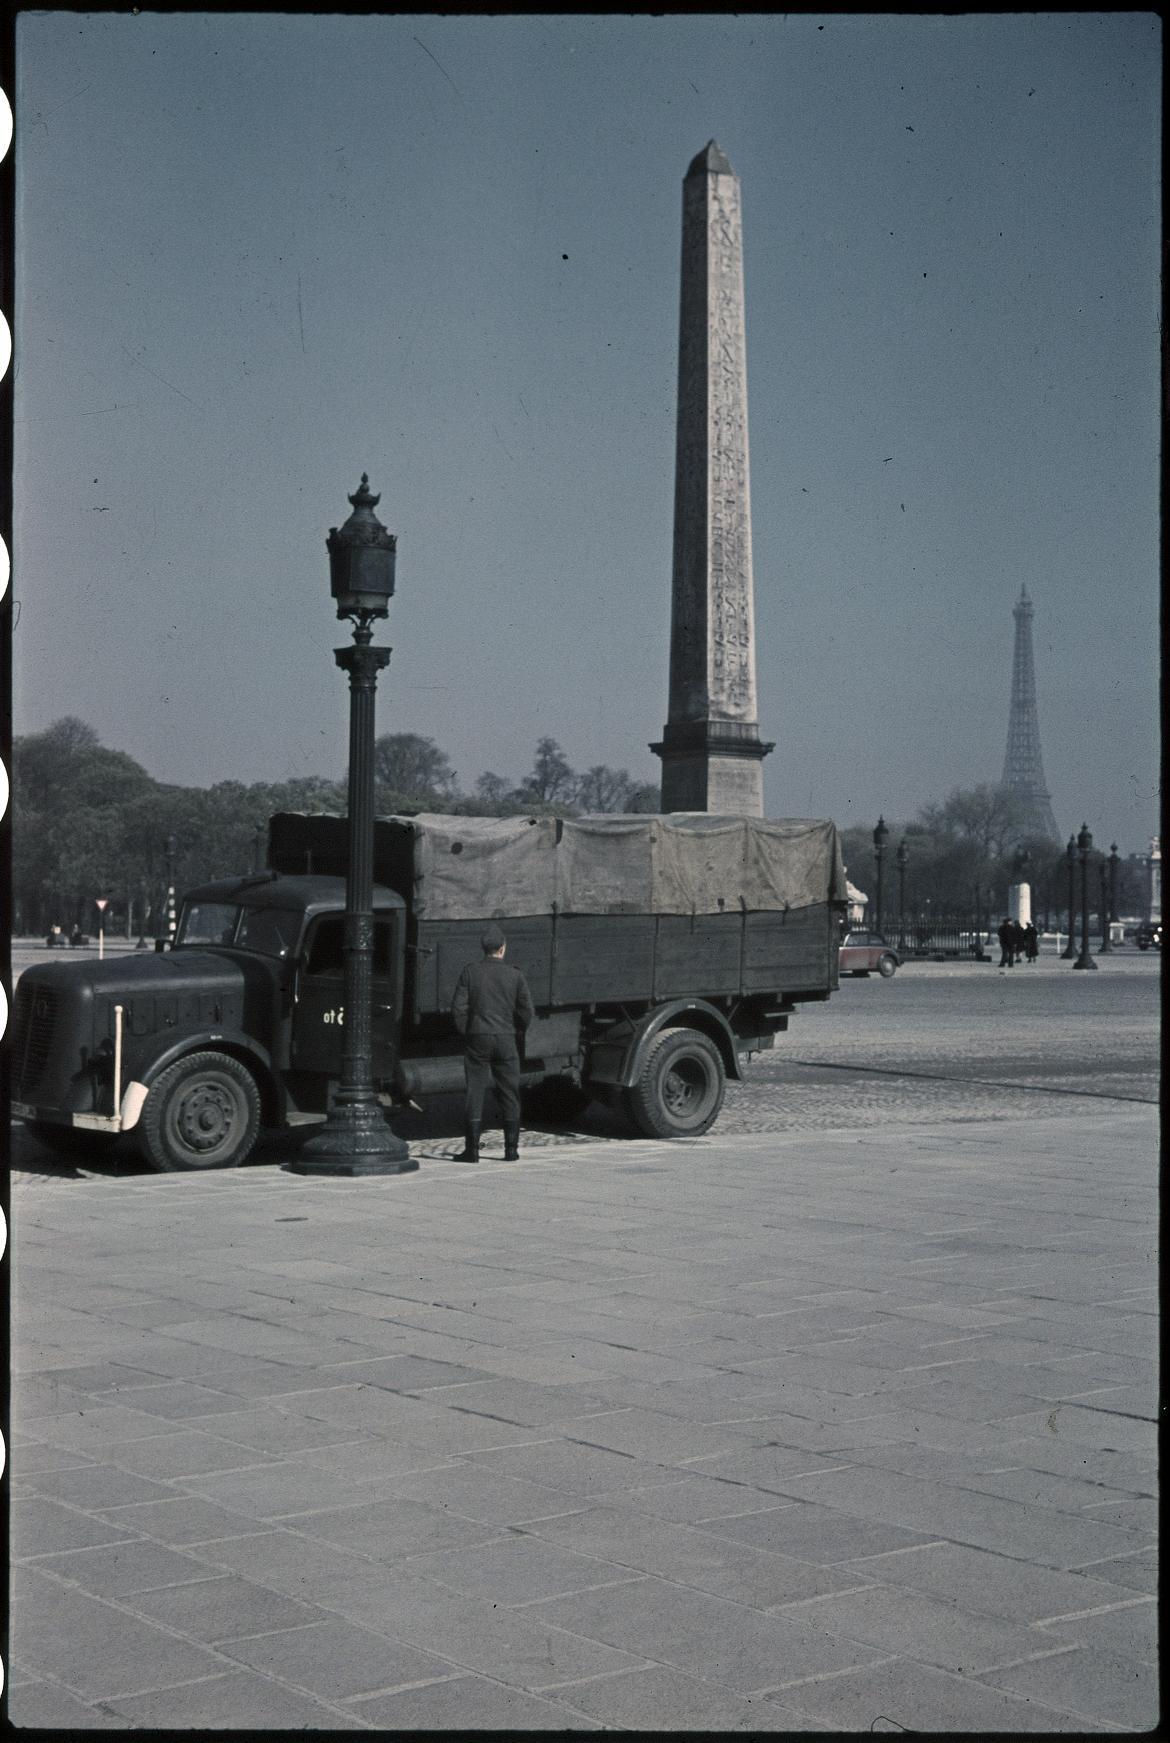 Немецкий военный грузовик перед обелиском на площади Согласия